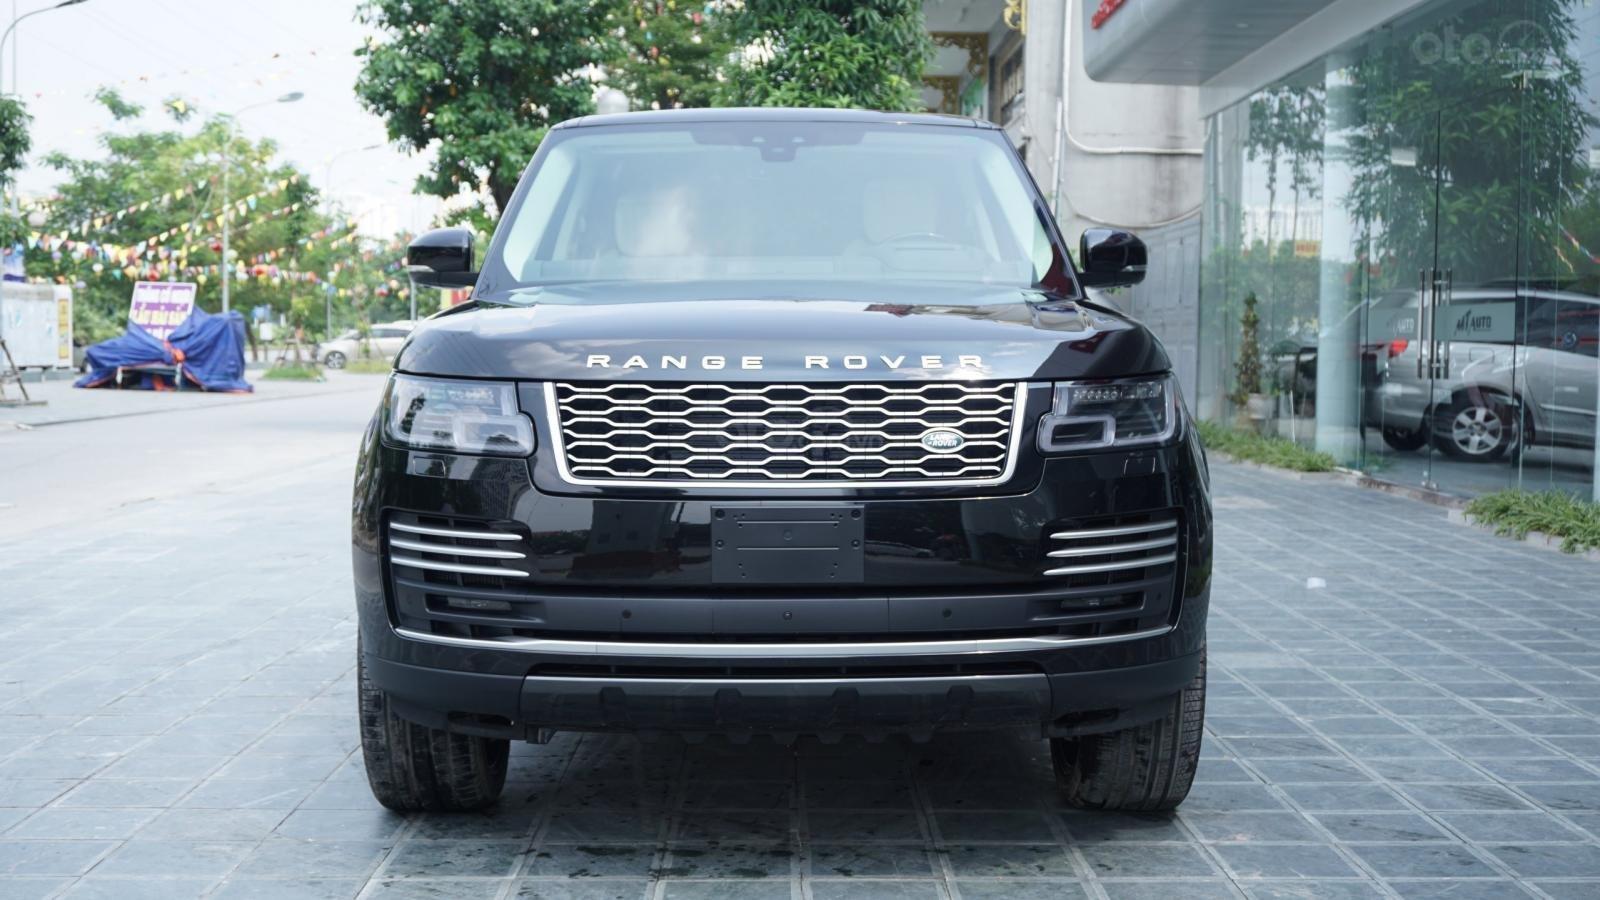 Range Rover Autobiography LWB 2020, Hồ Chí Minh, giá tốt giao xe ngay toàn quốc, LH trực tiếp 0844.177.222 (1)